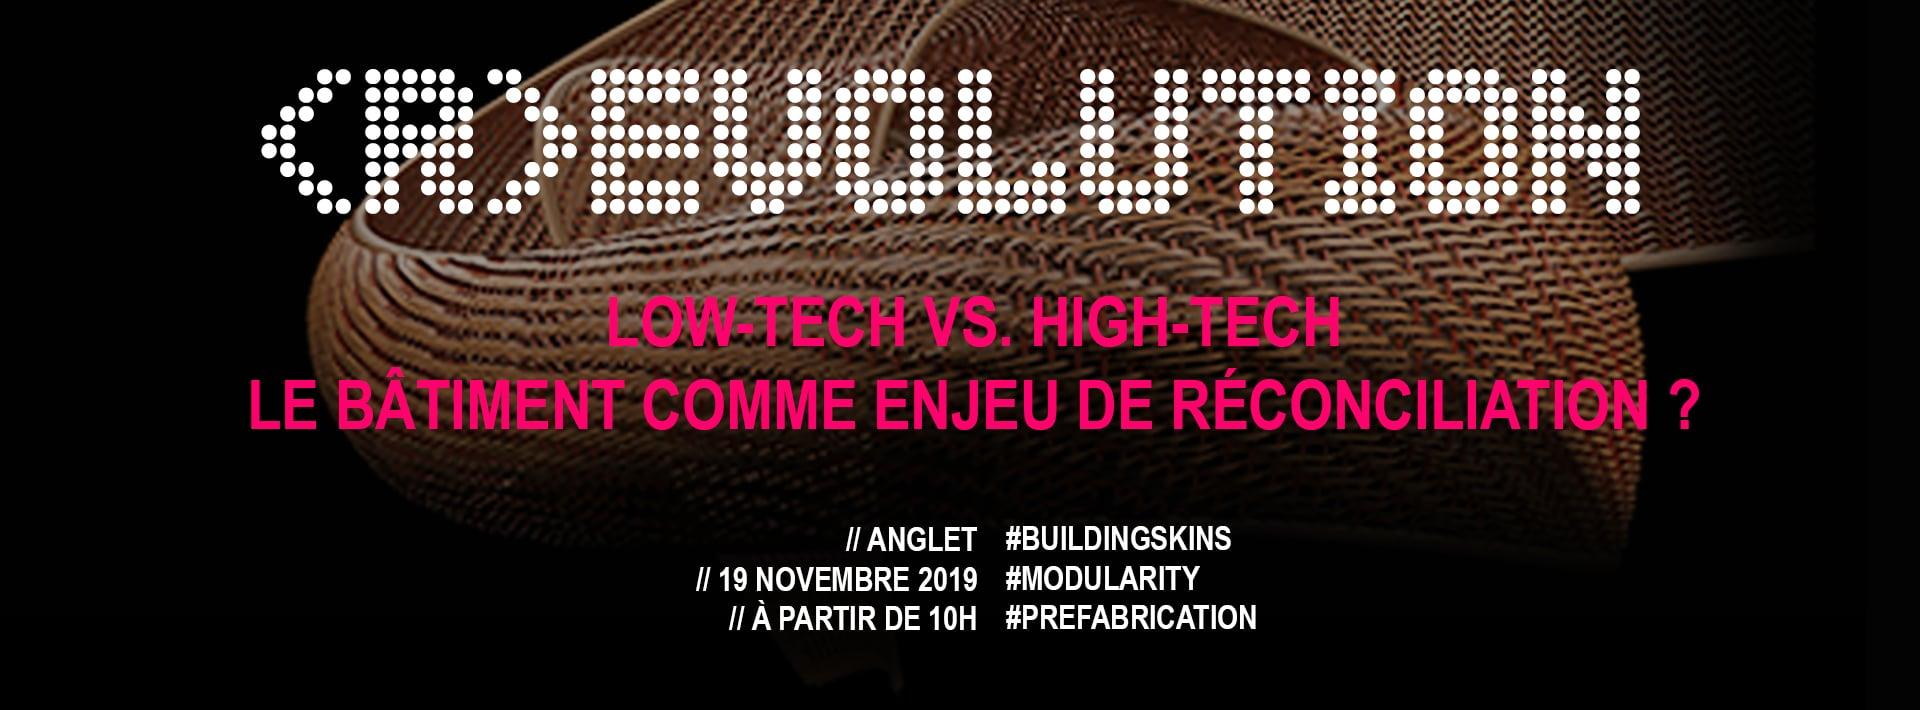 #R-EVOLUTION – Low-tech vs. High-tech : le bâtiment comme enjeu de réconciliation ?